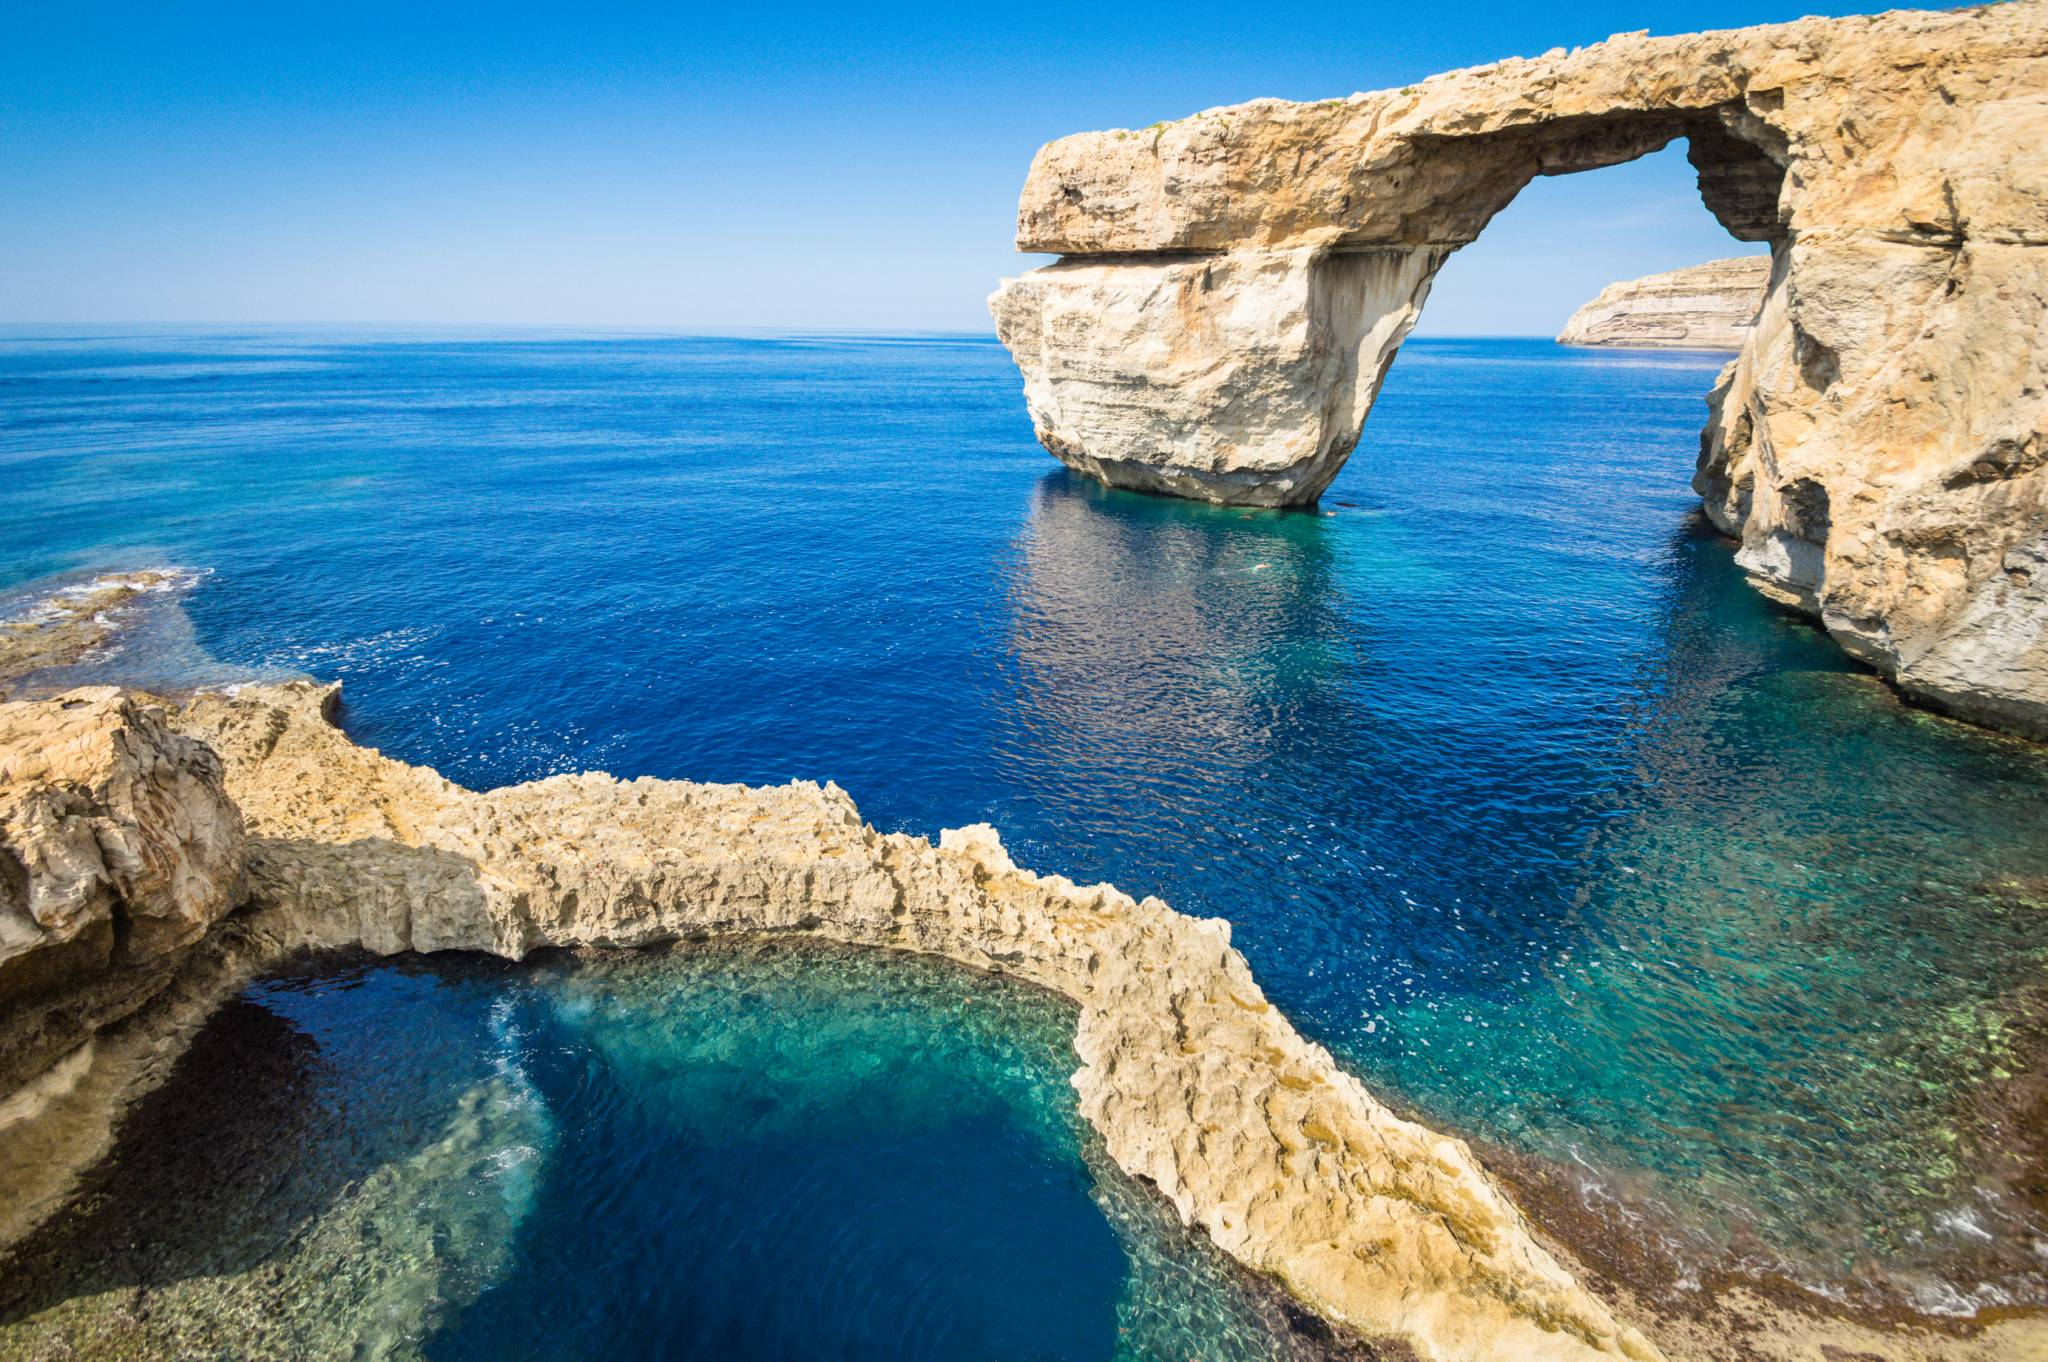 Nieistniejące już Lazurowe Okno - most skalny u wybrzeży wyspy Gozo, położony przy Dwejra. W 2017 r.podczas sztormu formacja skalna załamała się. (Fot. iStock)